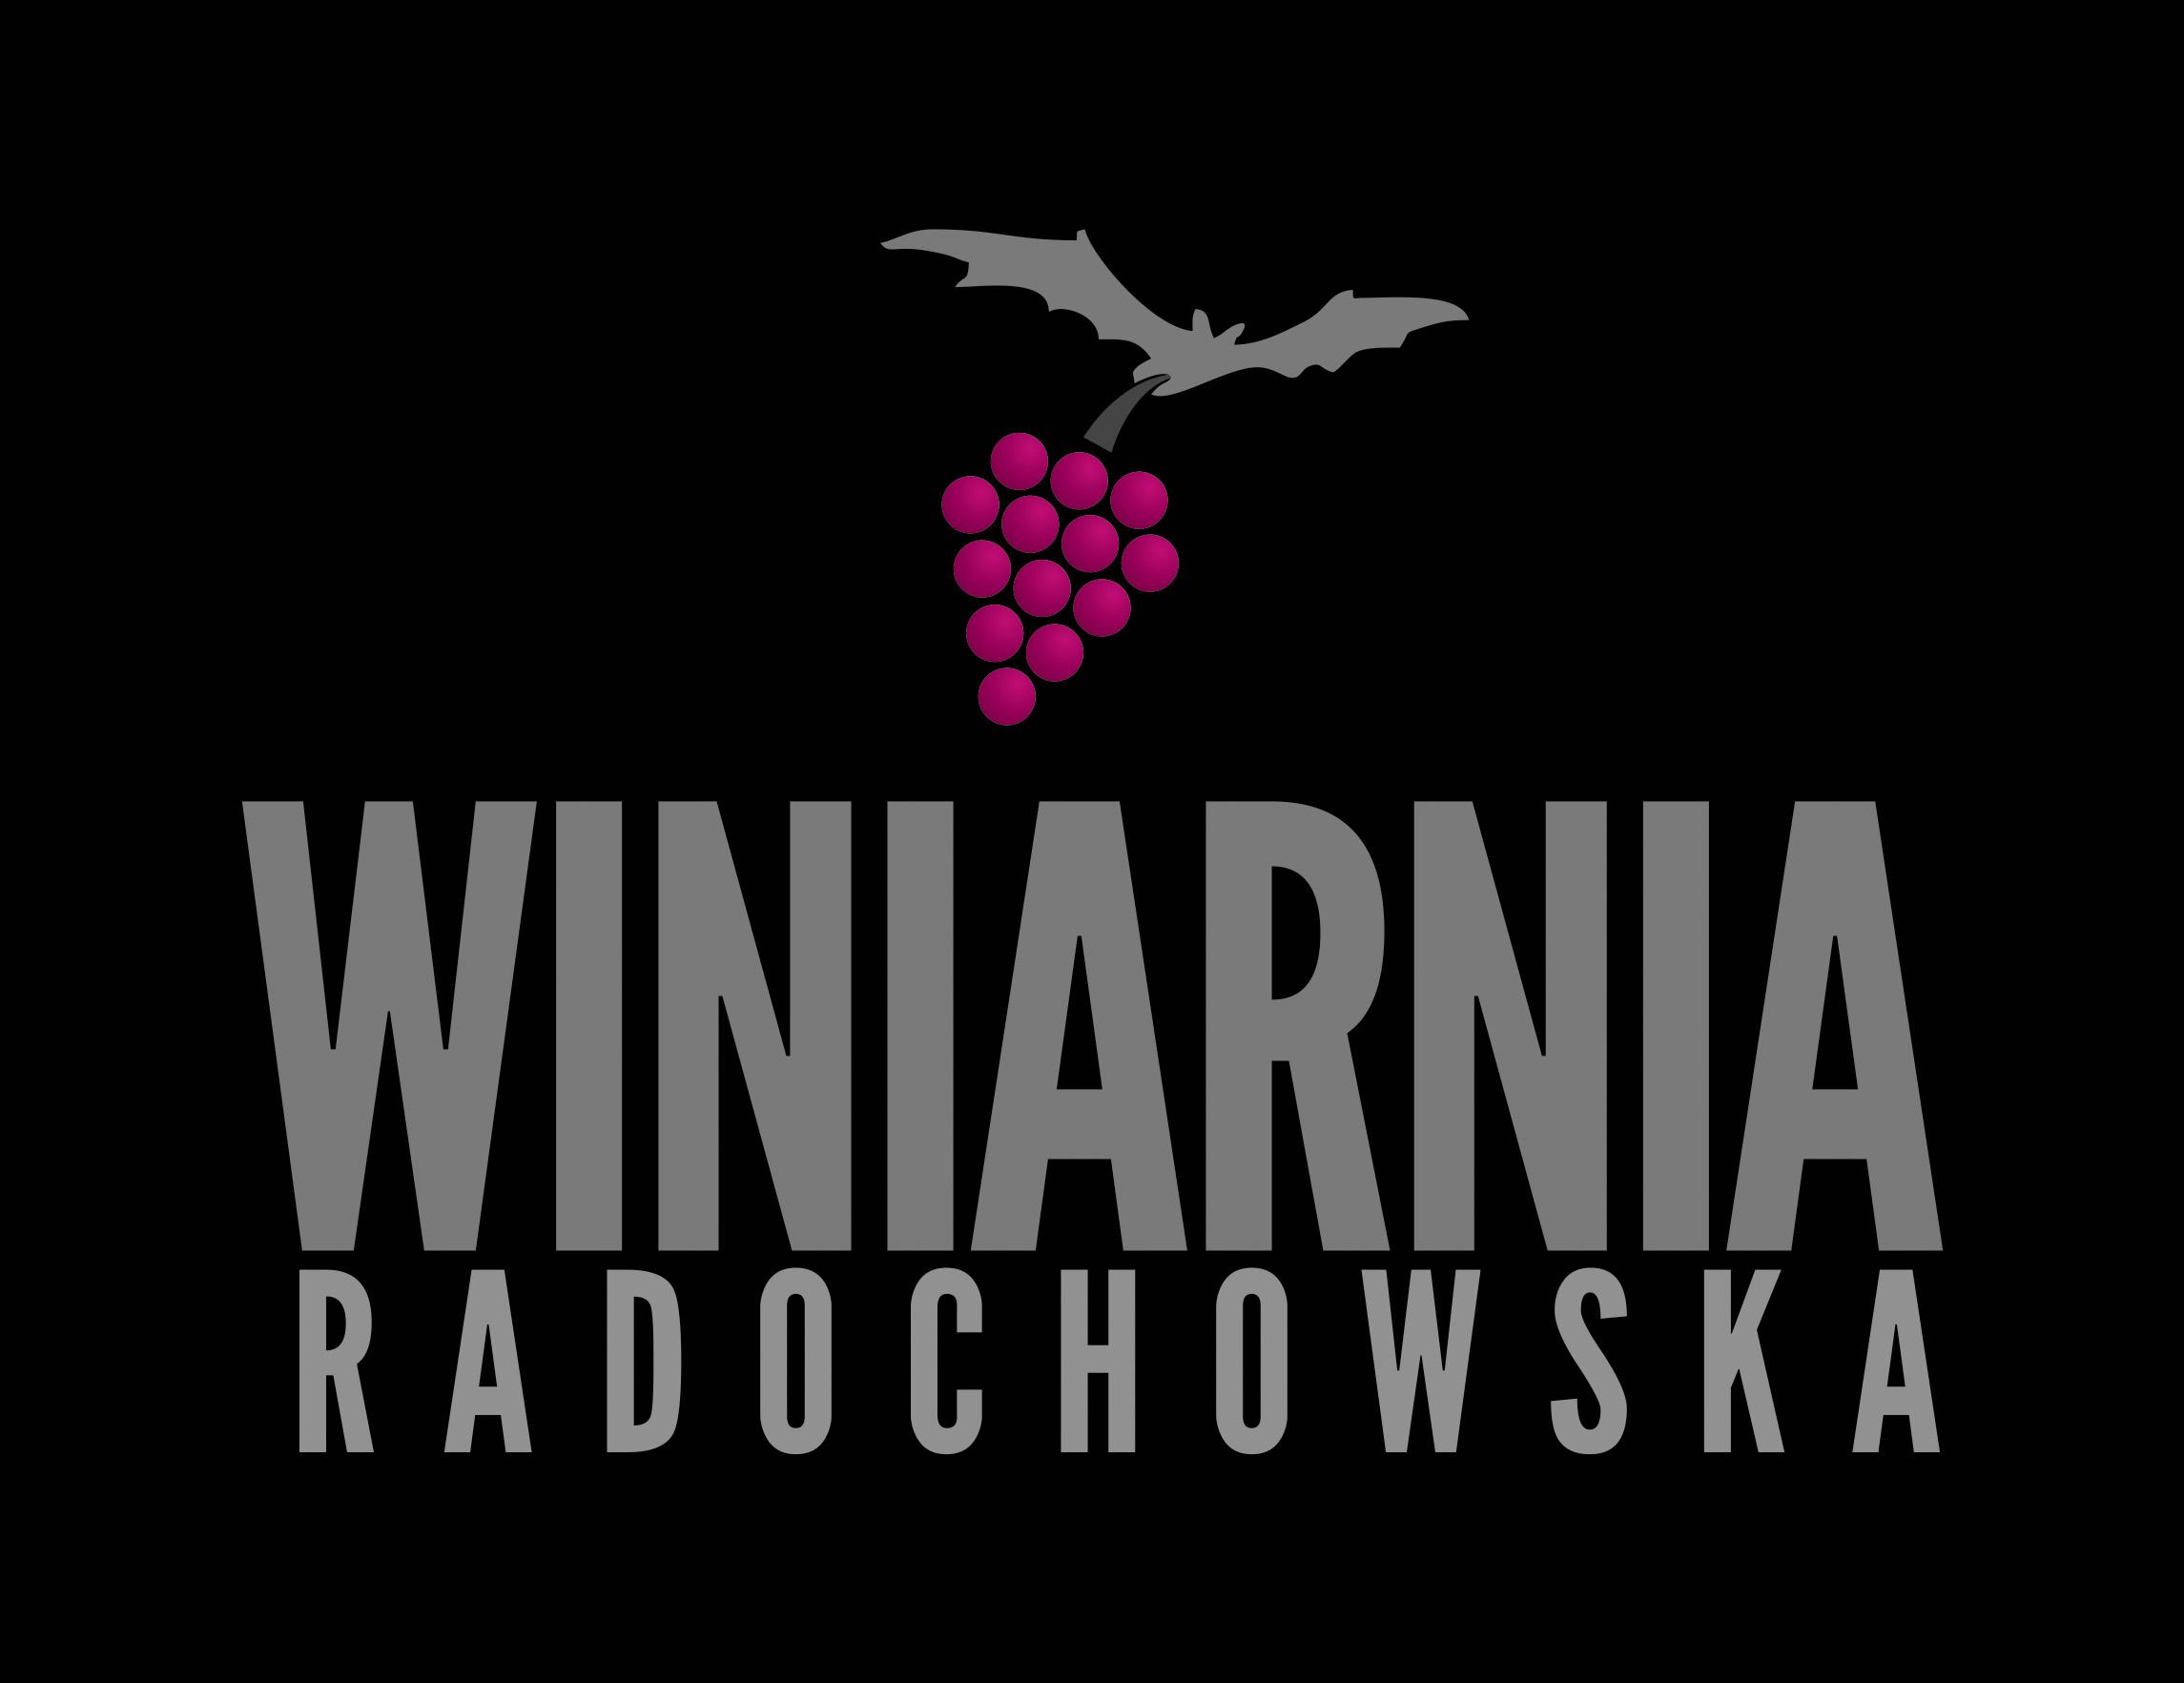 winiarnia_radochowska_logo_czarne